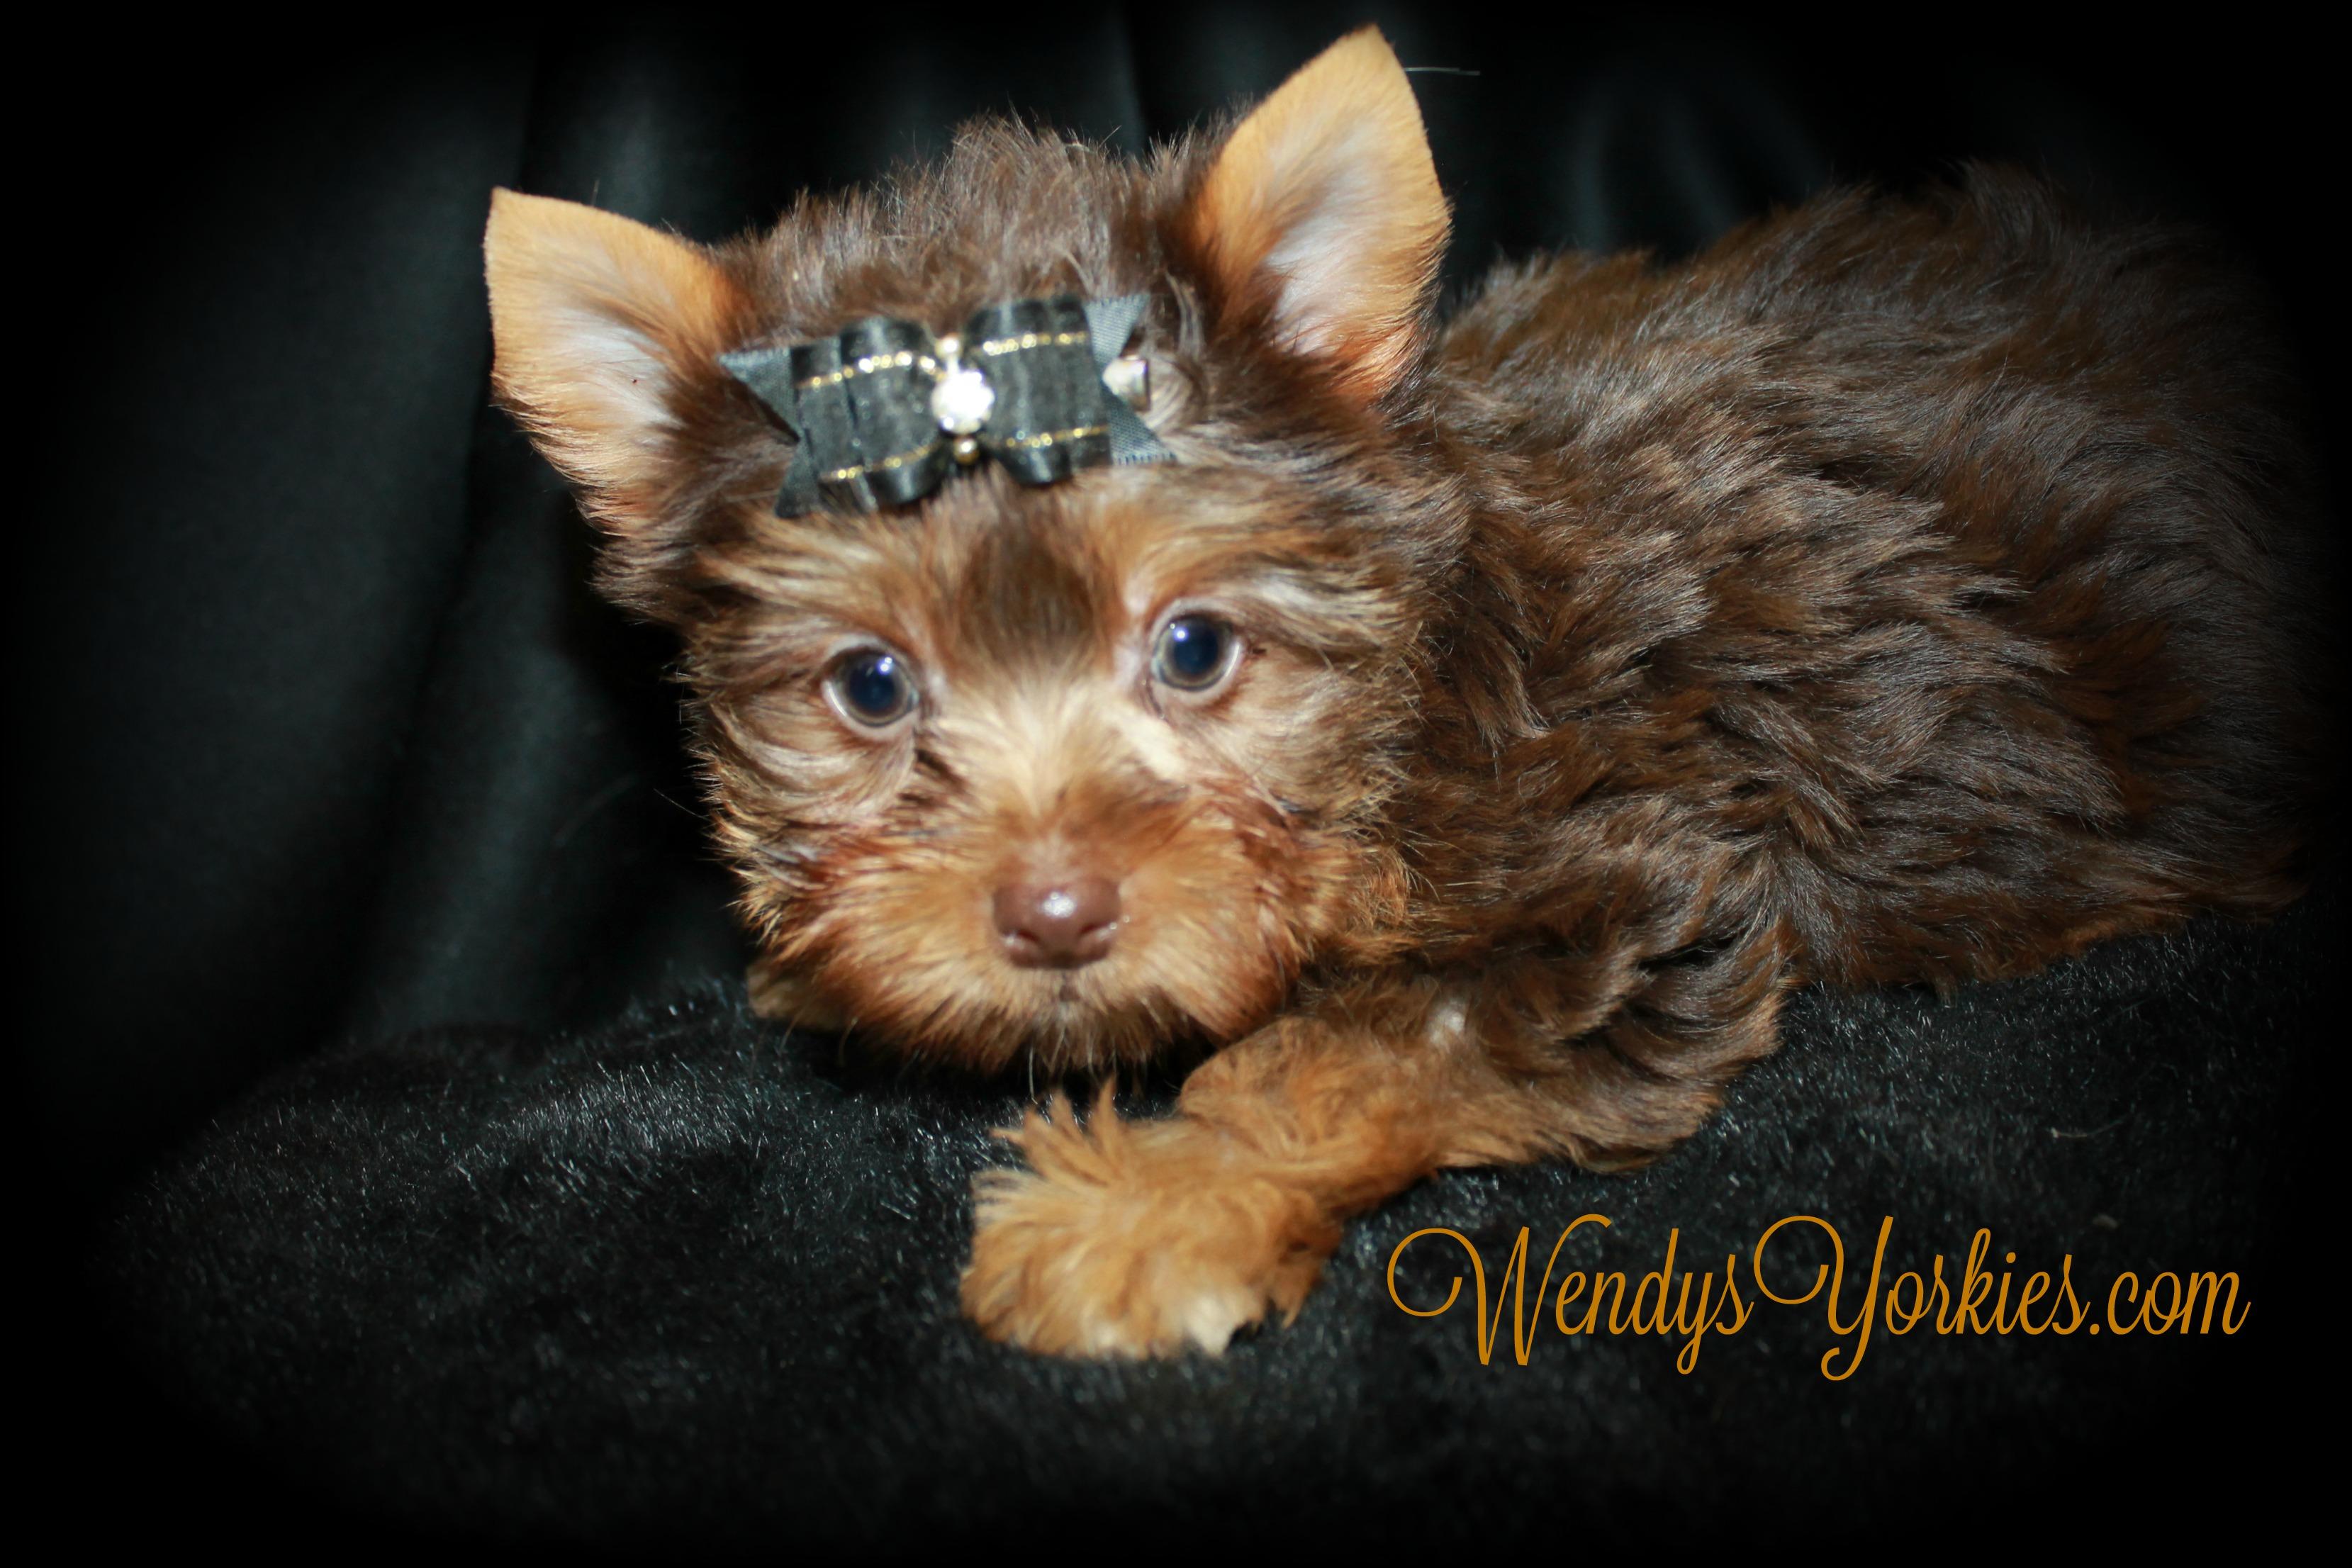 Teacup Chocolate Yorkie puppy for sale, WendysYorkies.com, Skeeter m1